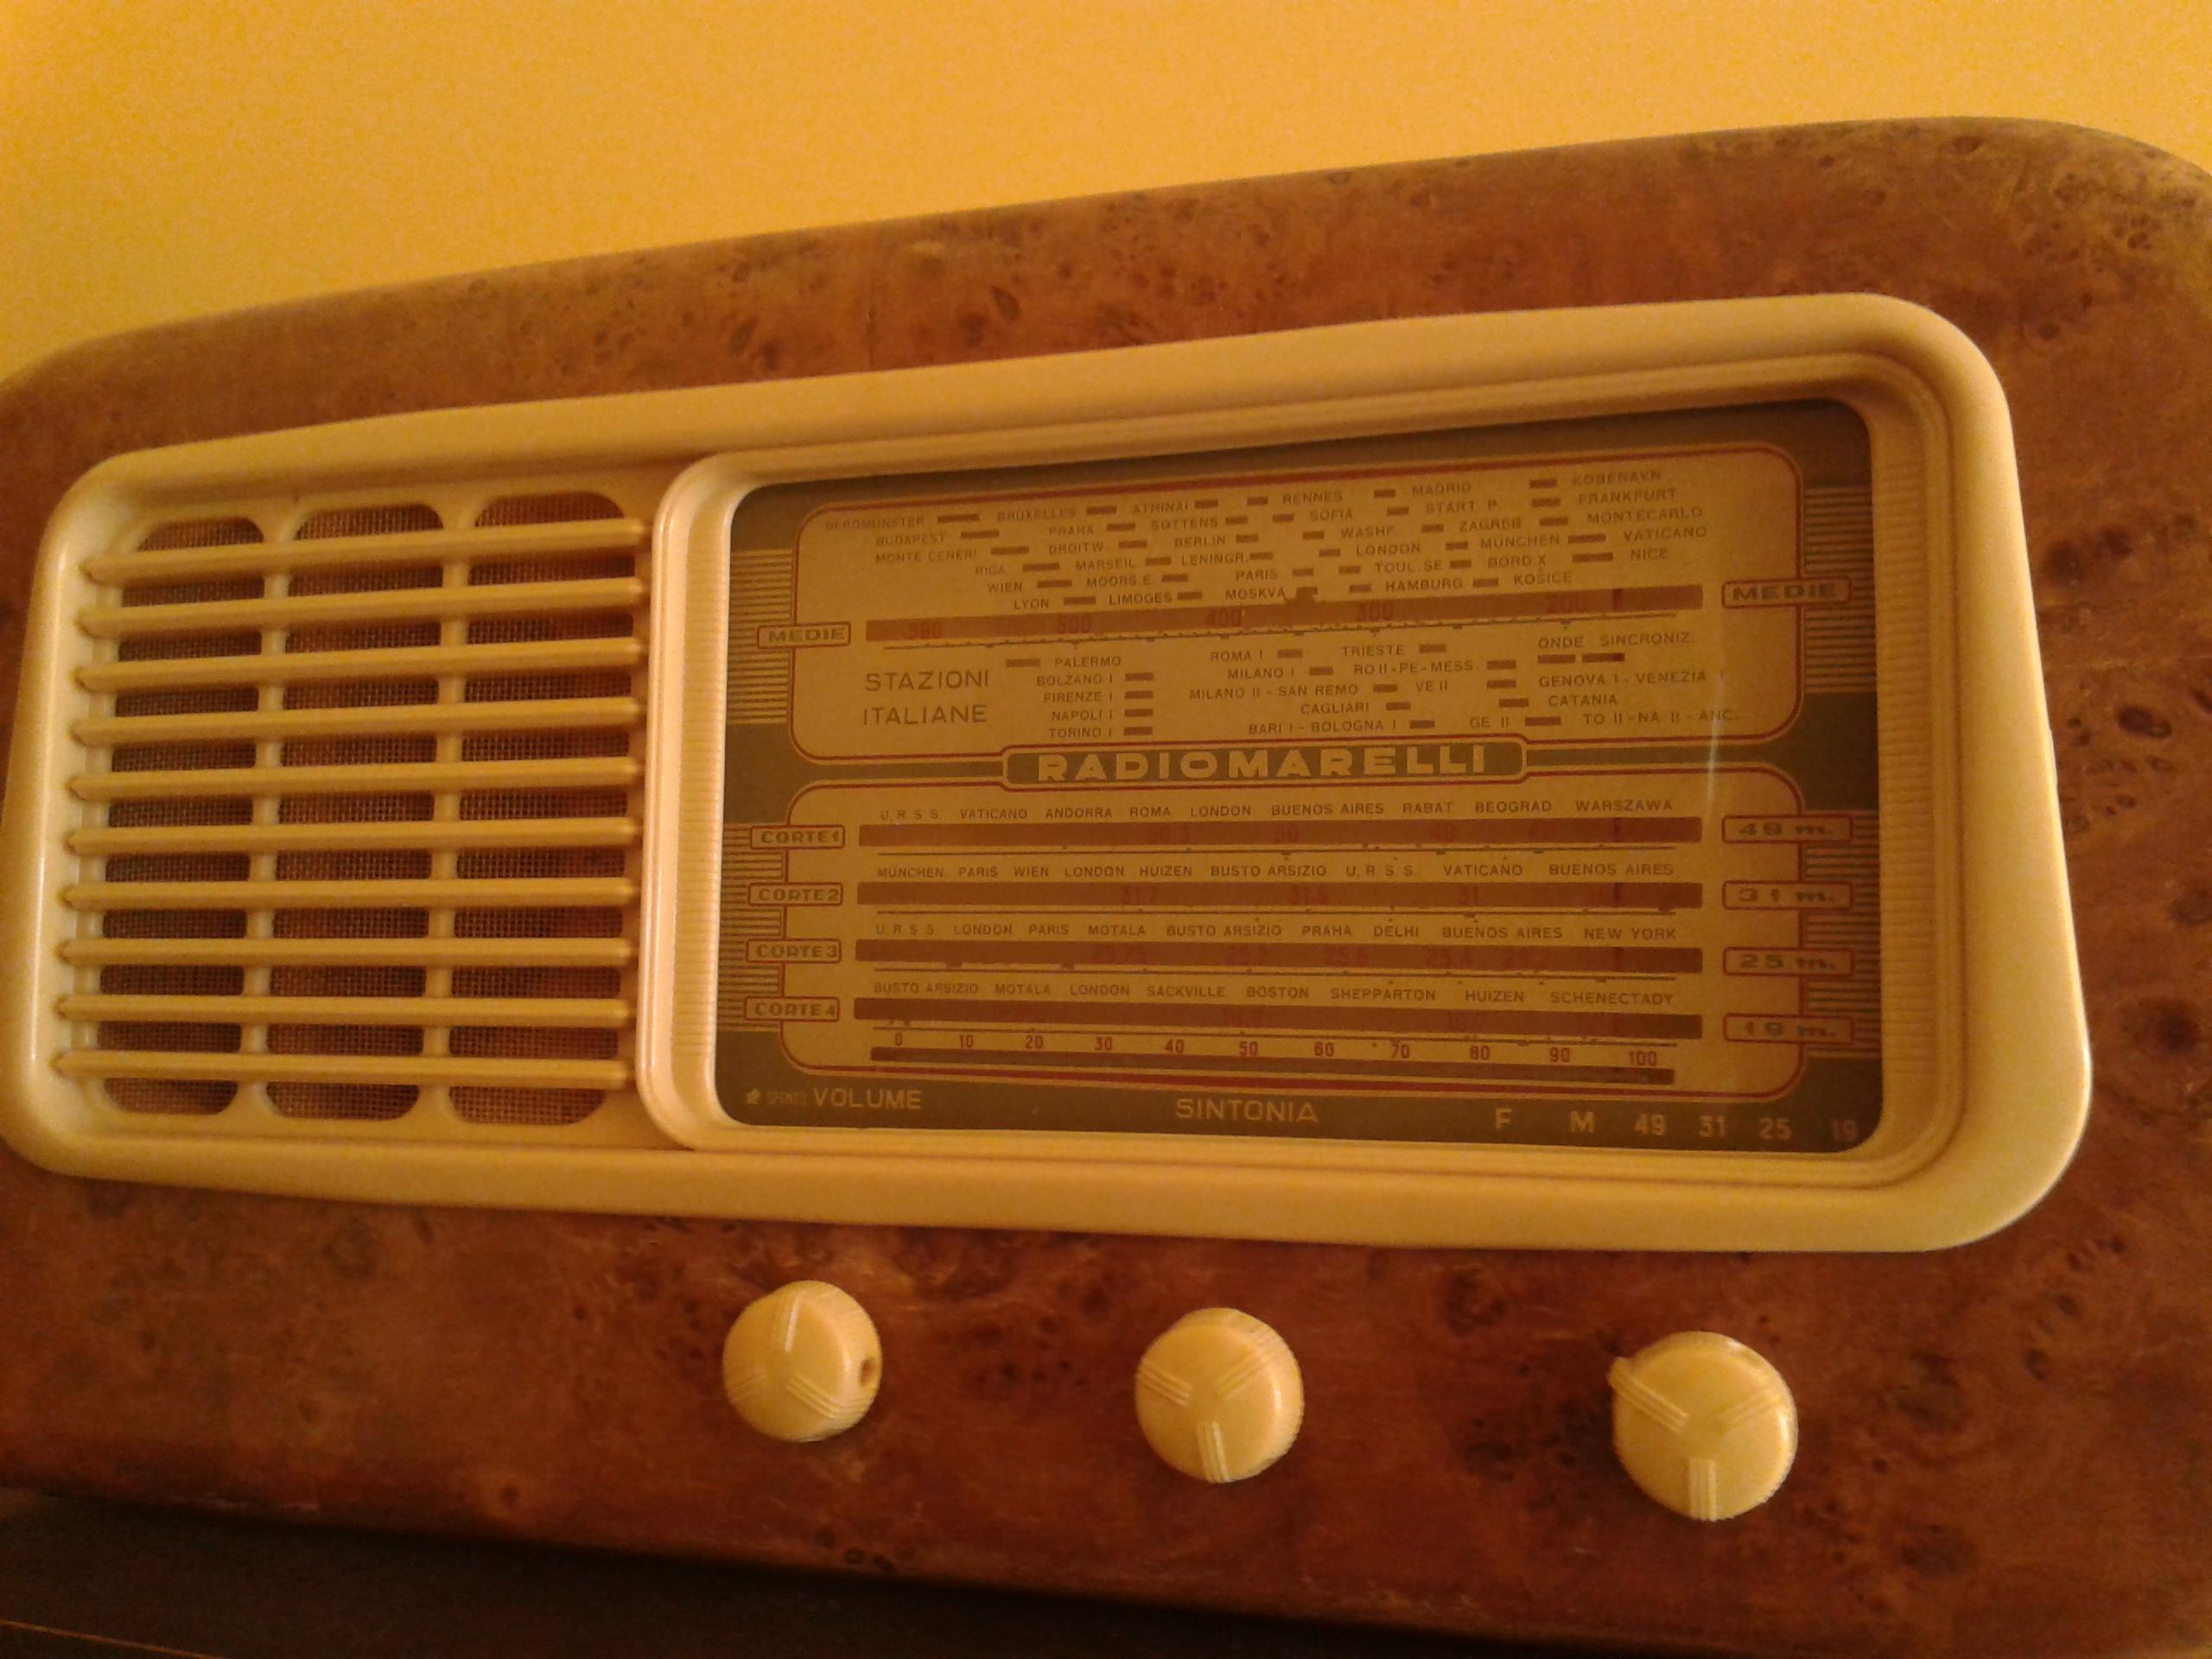 radiomarelli 122 (3)